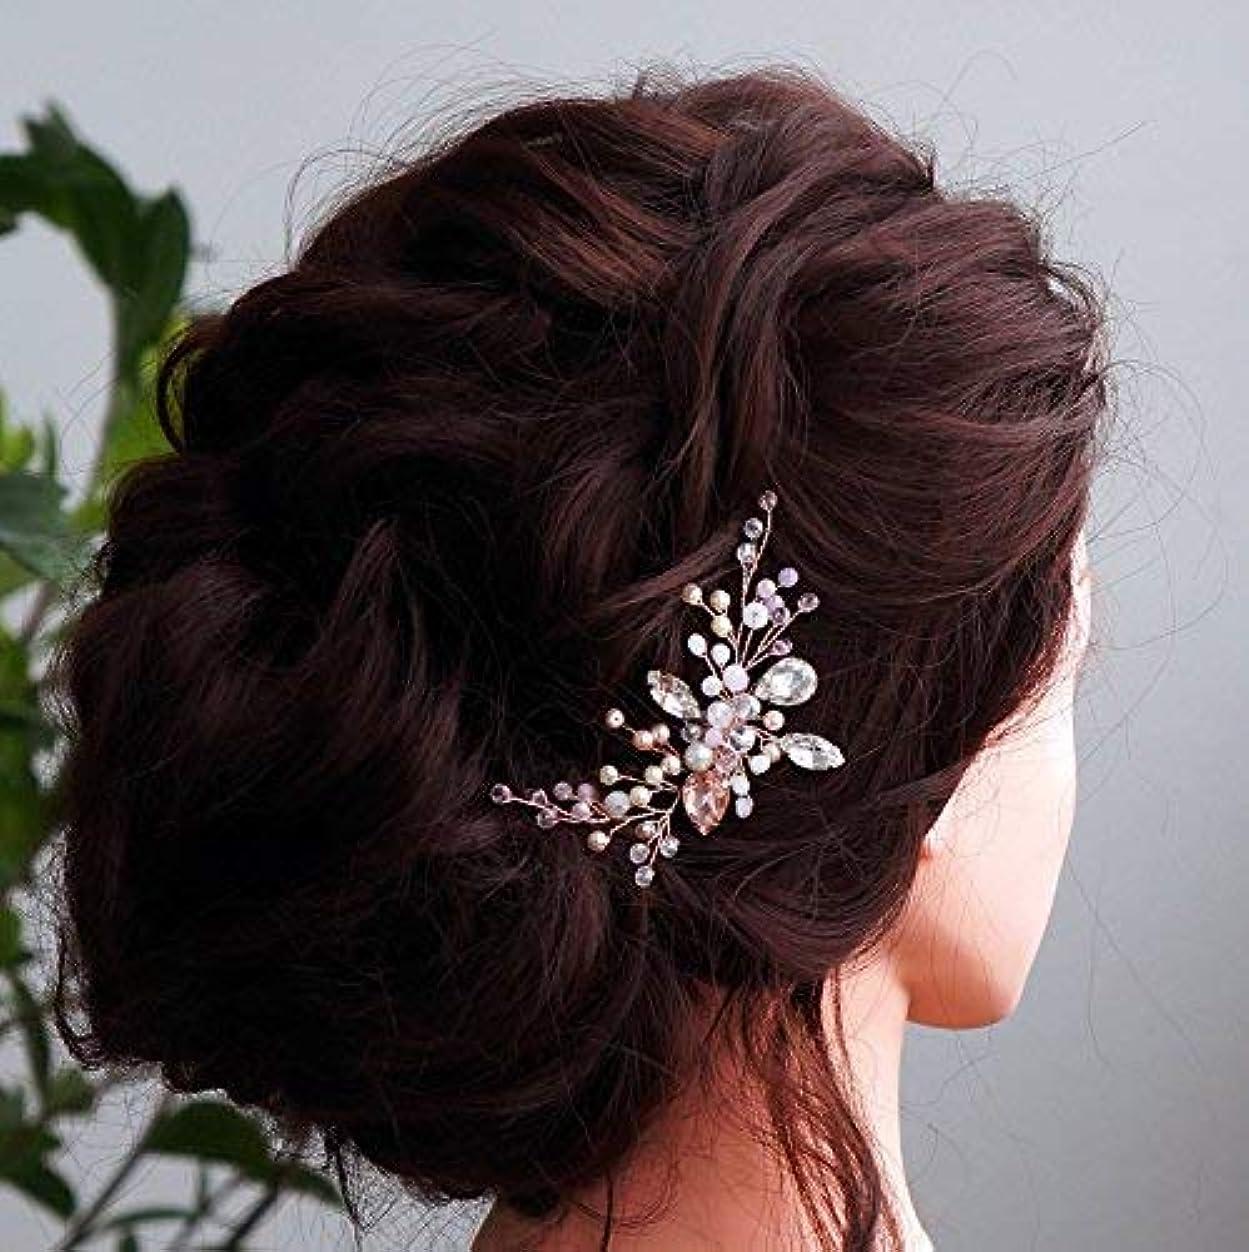 開発する落胆するめったにKercisbeauty Wedding Bridal Bridesmaids Flower Girl Pink Crystal Beads and Rhinestone Tiny Cute Hair Comb Headband...